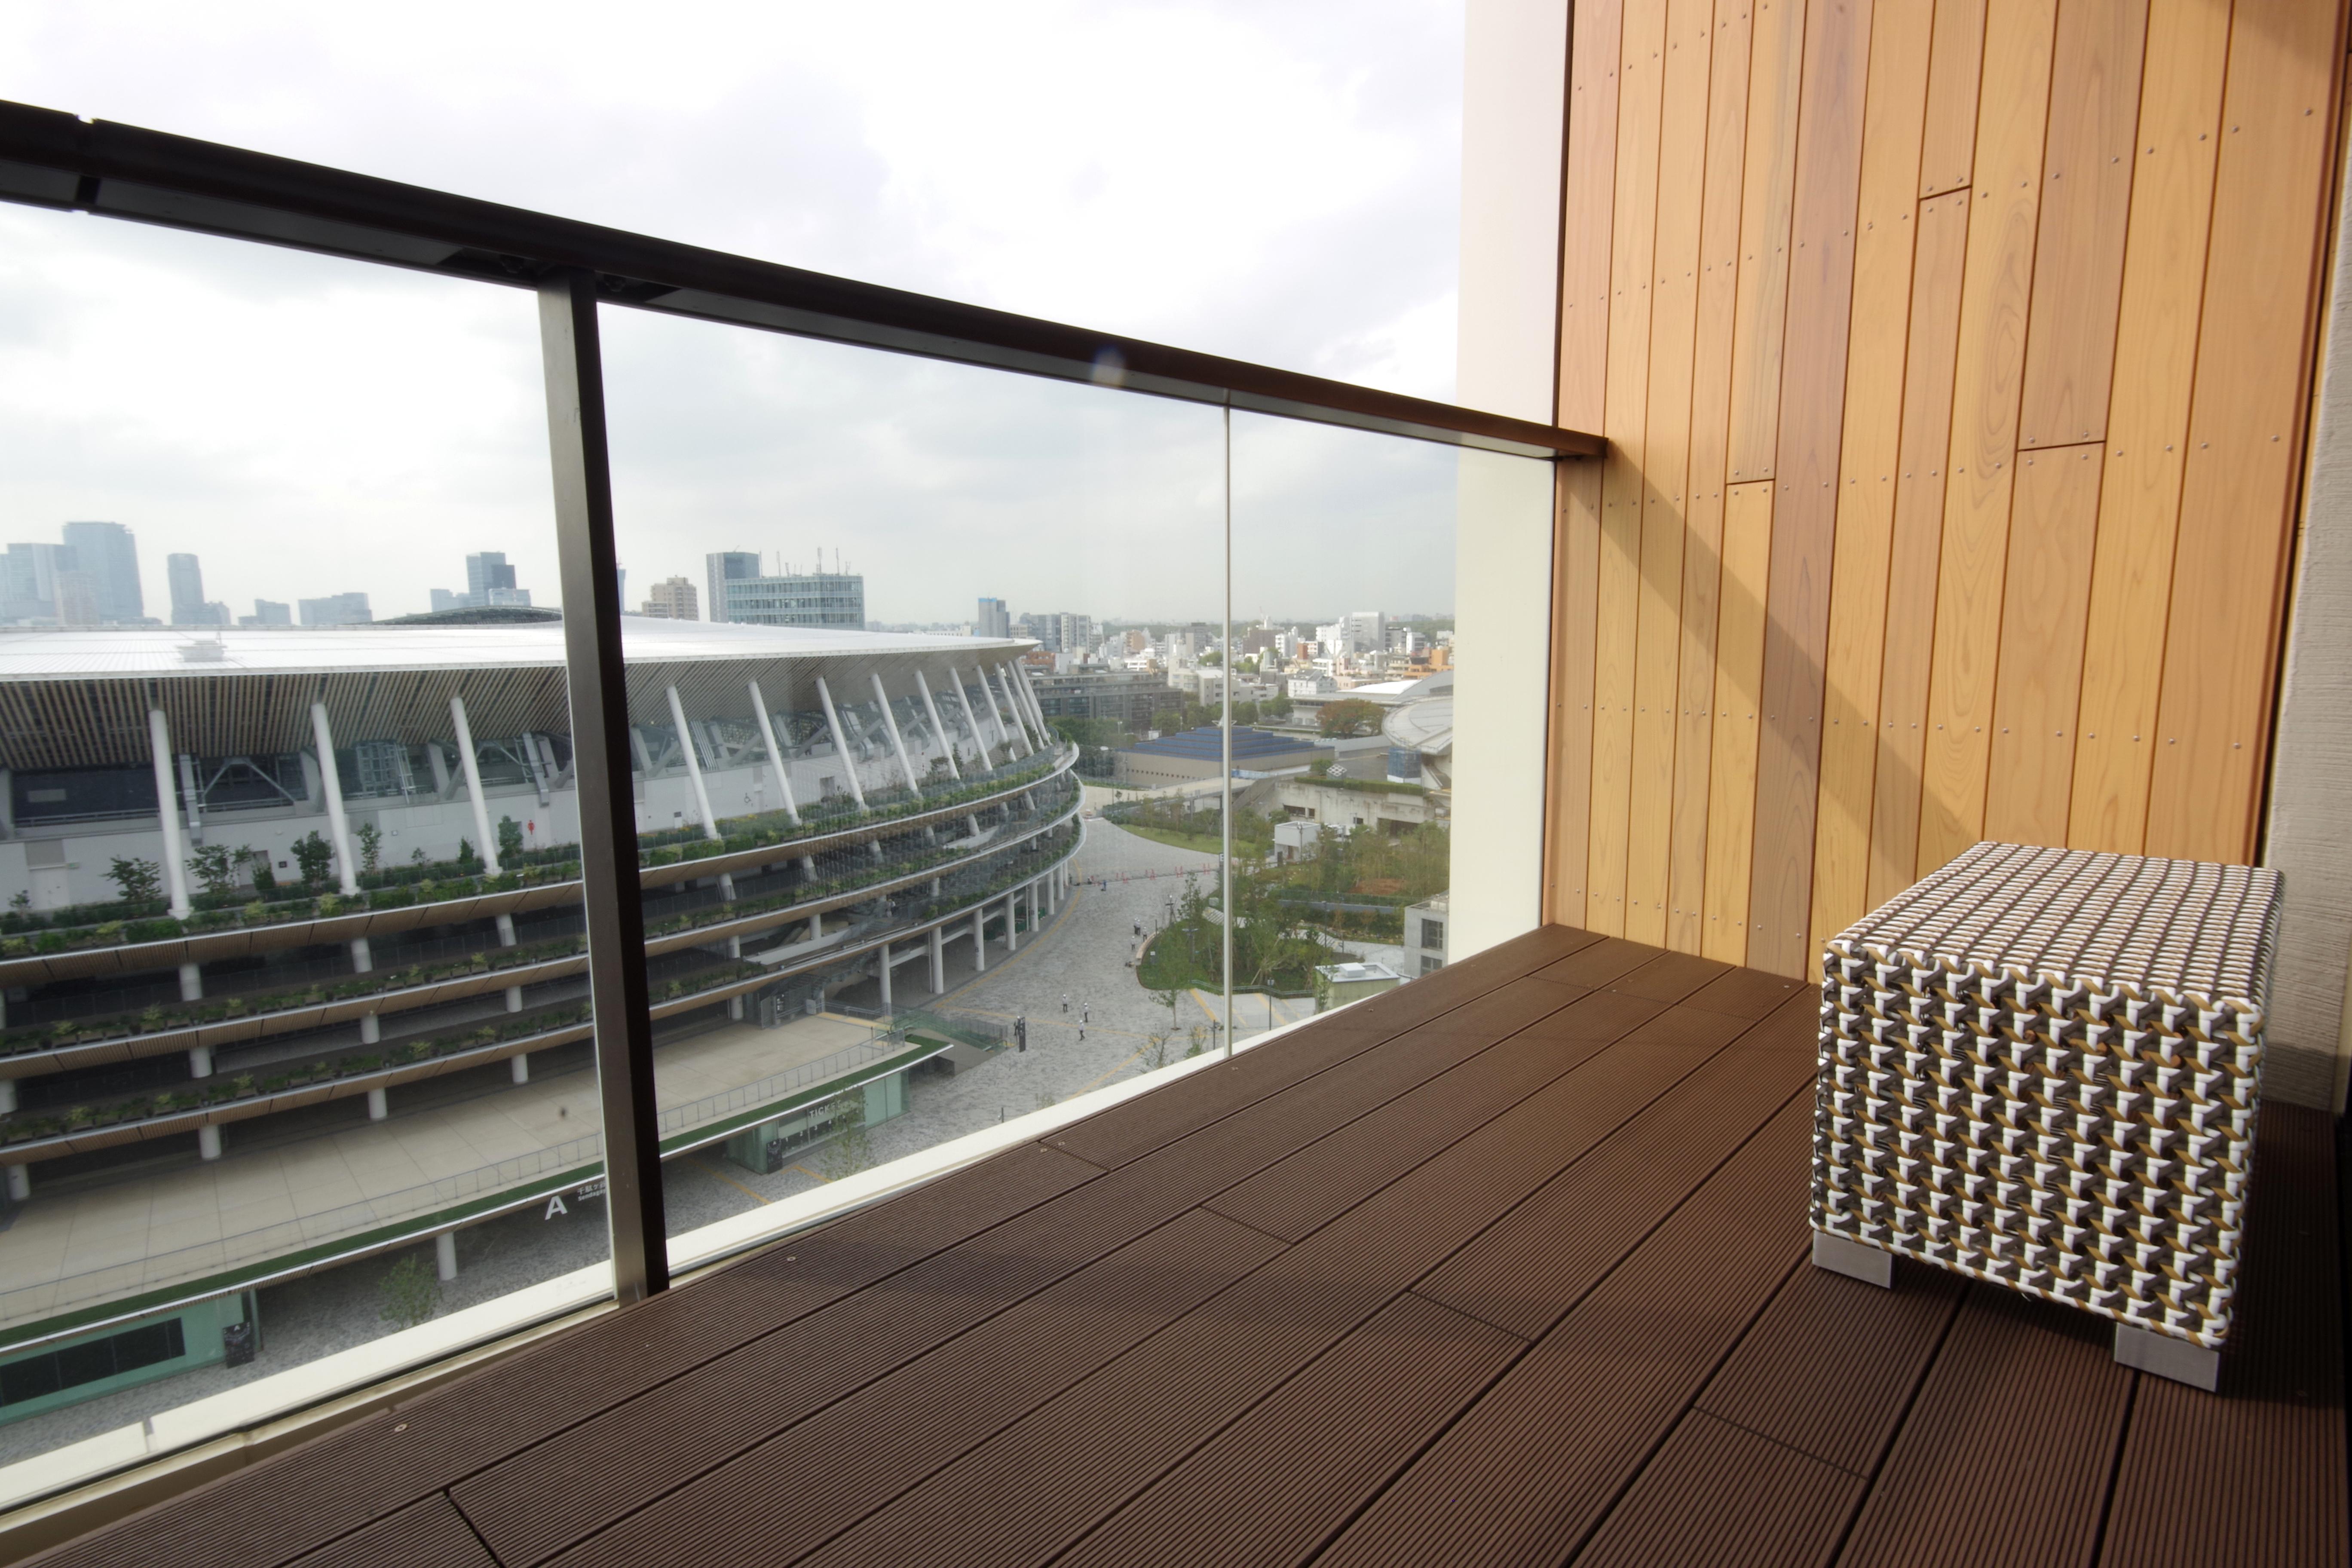 三井ガーデンホテル神宮外苑の杜 屋上画像